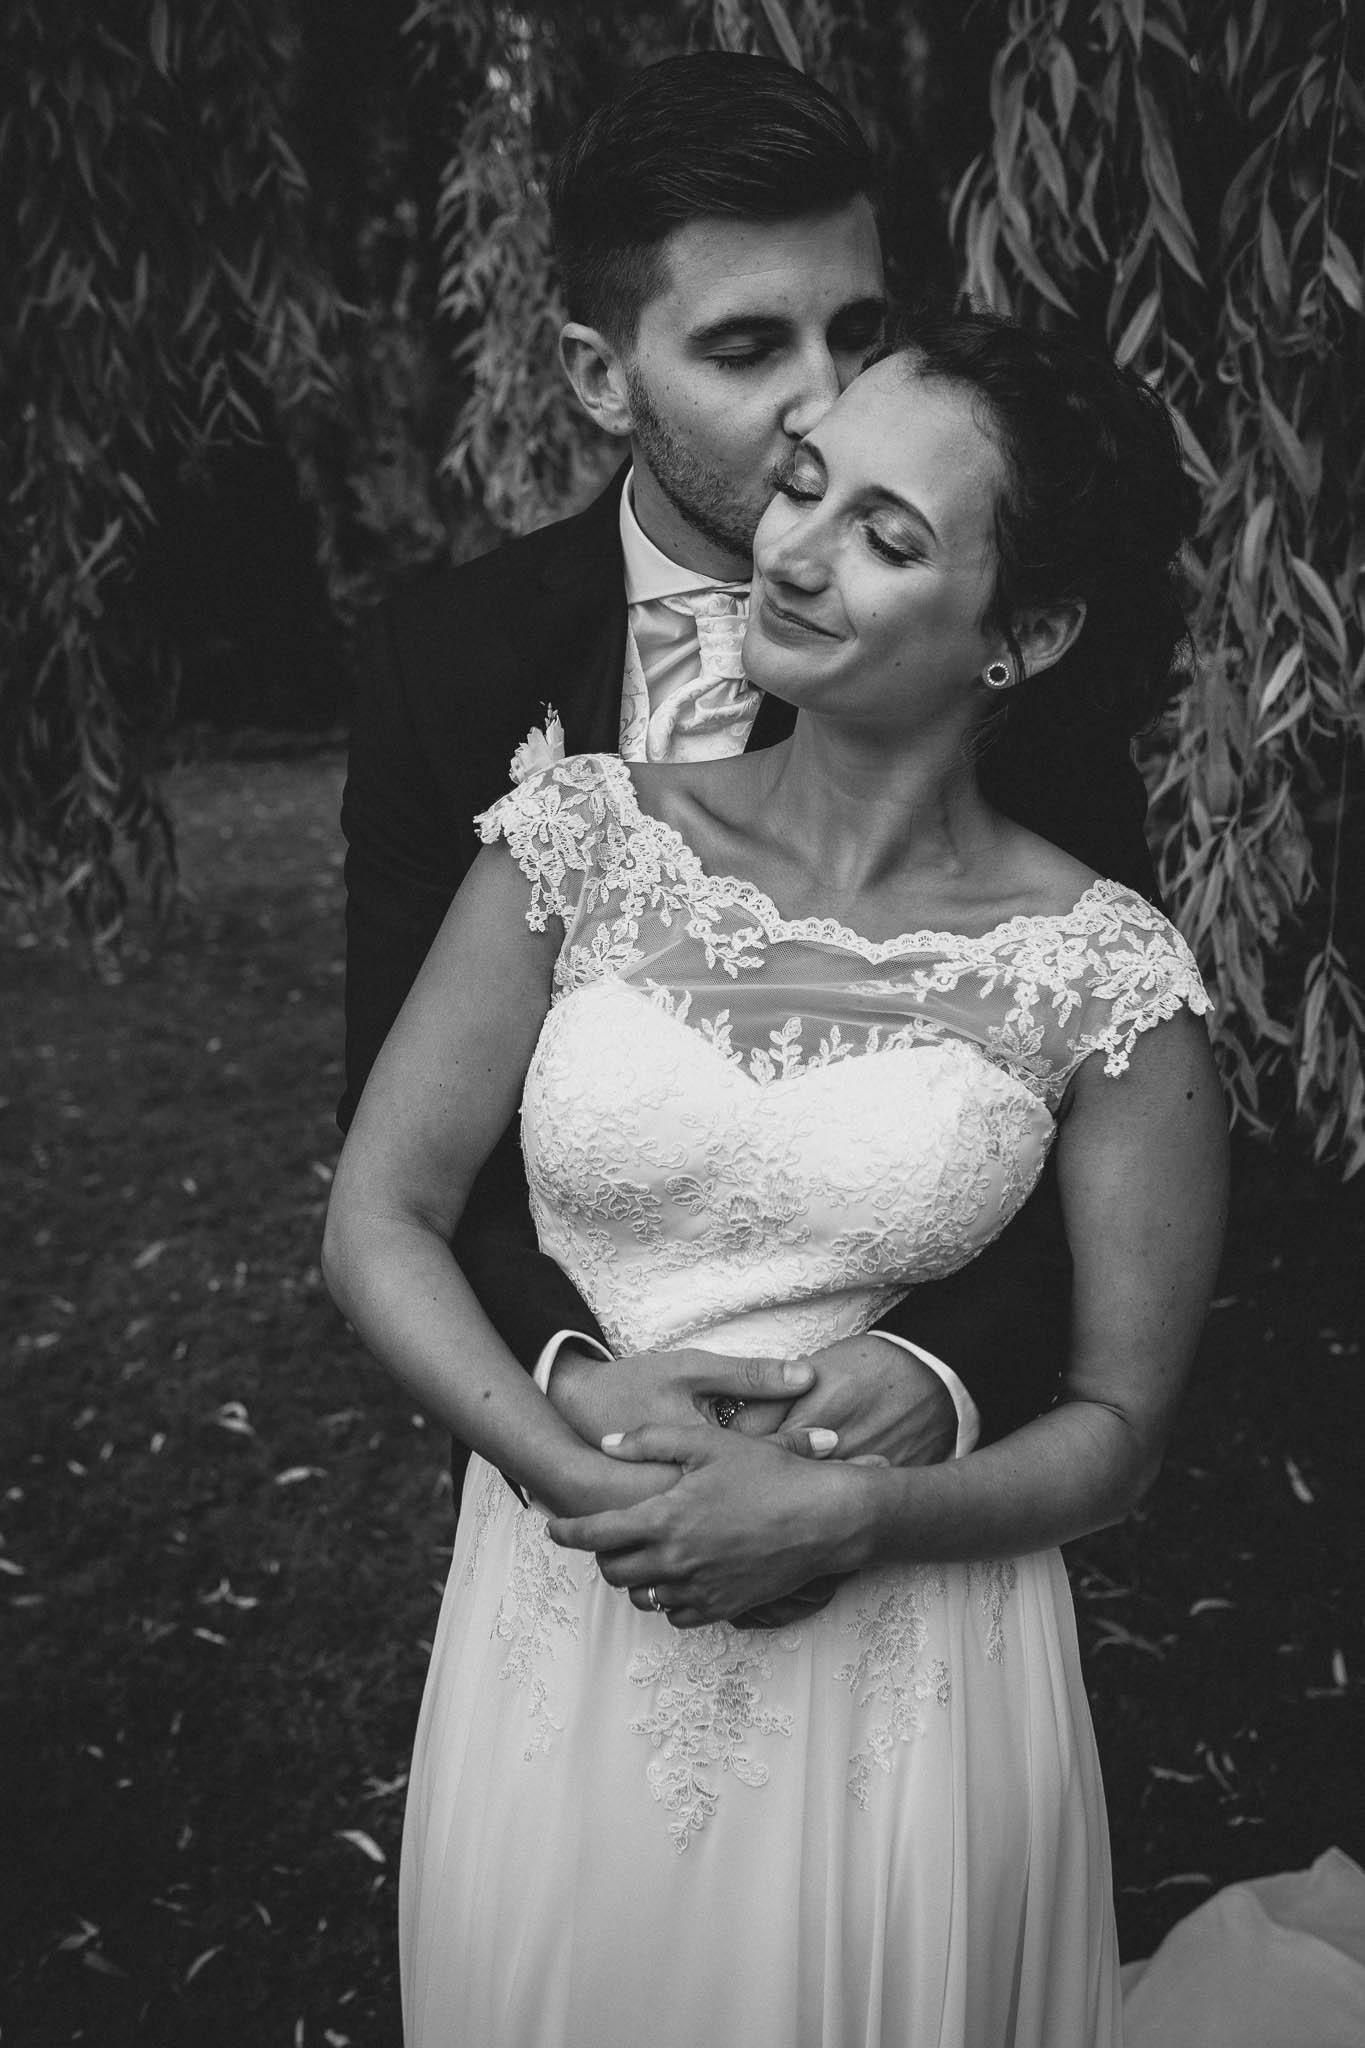 Hochzeitsfotograf Monzernheim: freie Trauung von Sarah & Patrick 50